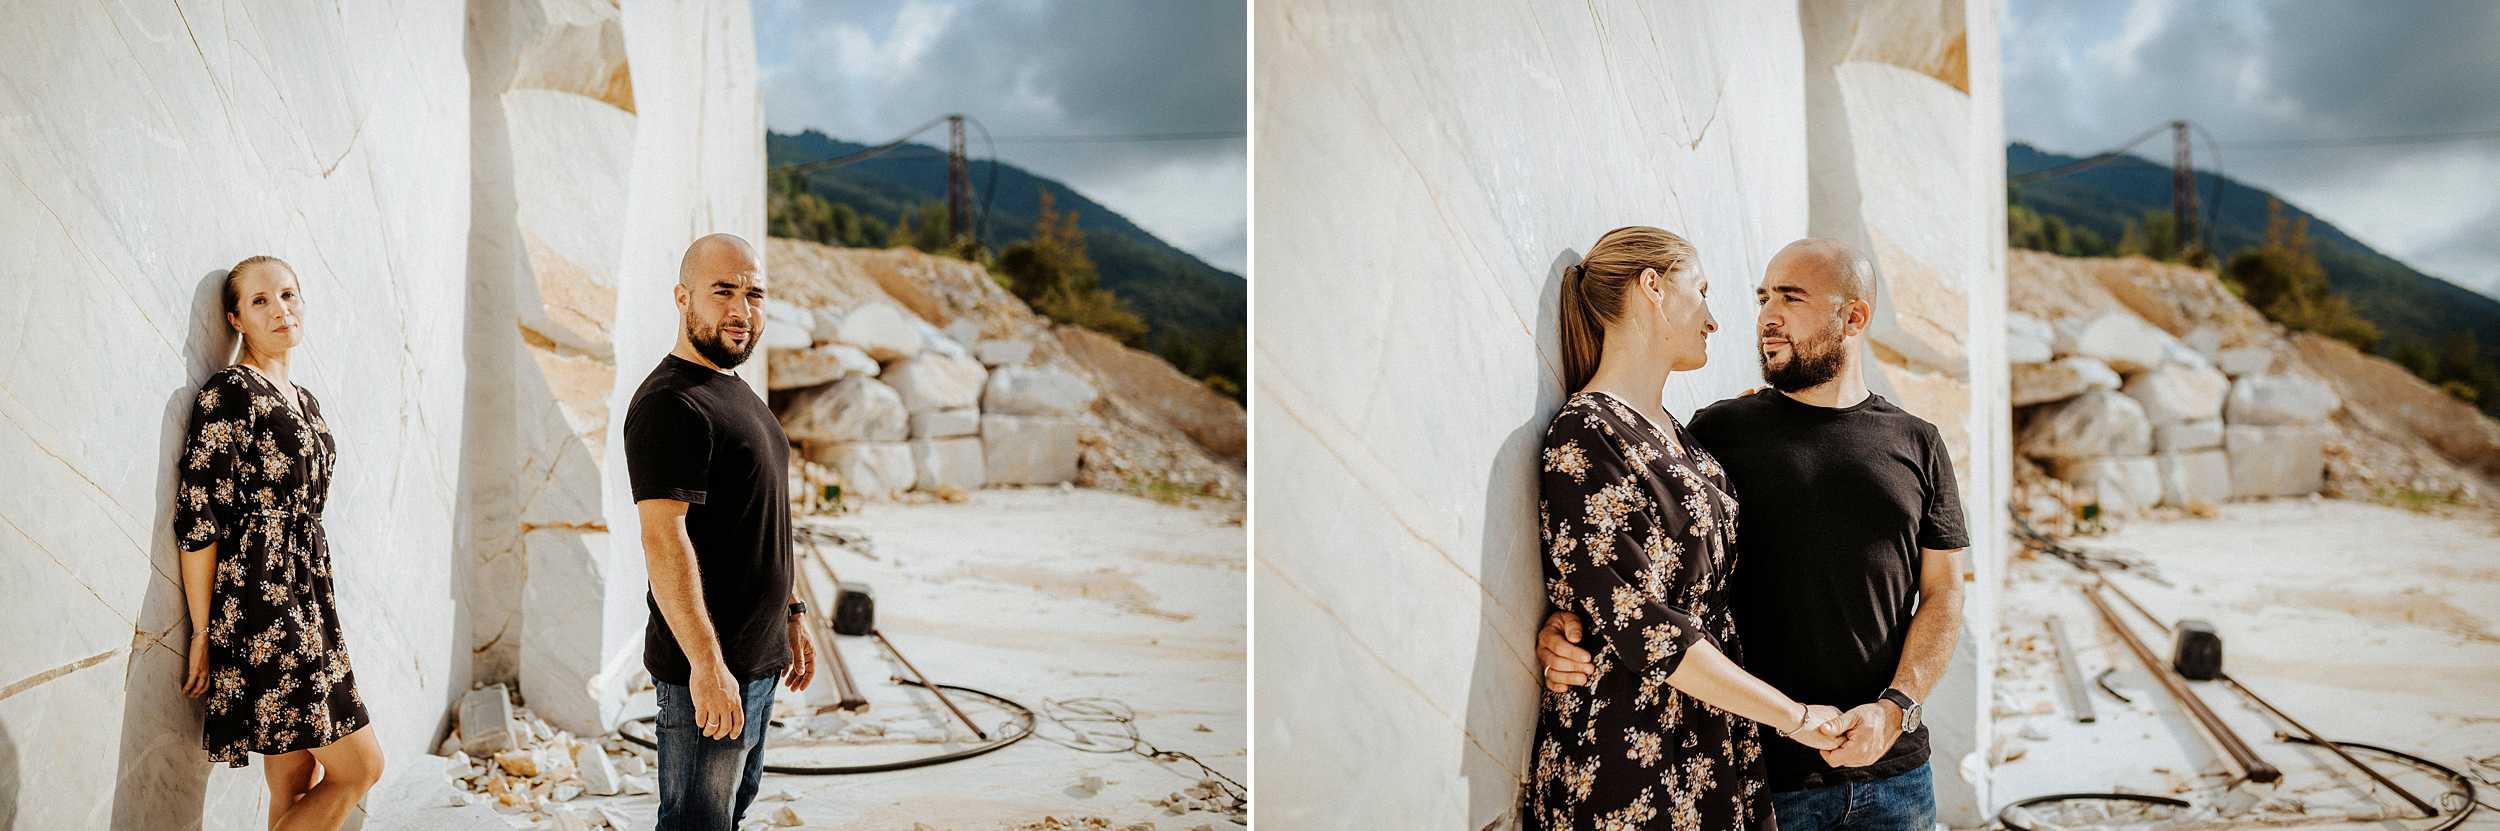 servizio di coppia cave di marmo bianco carrara